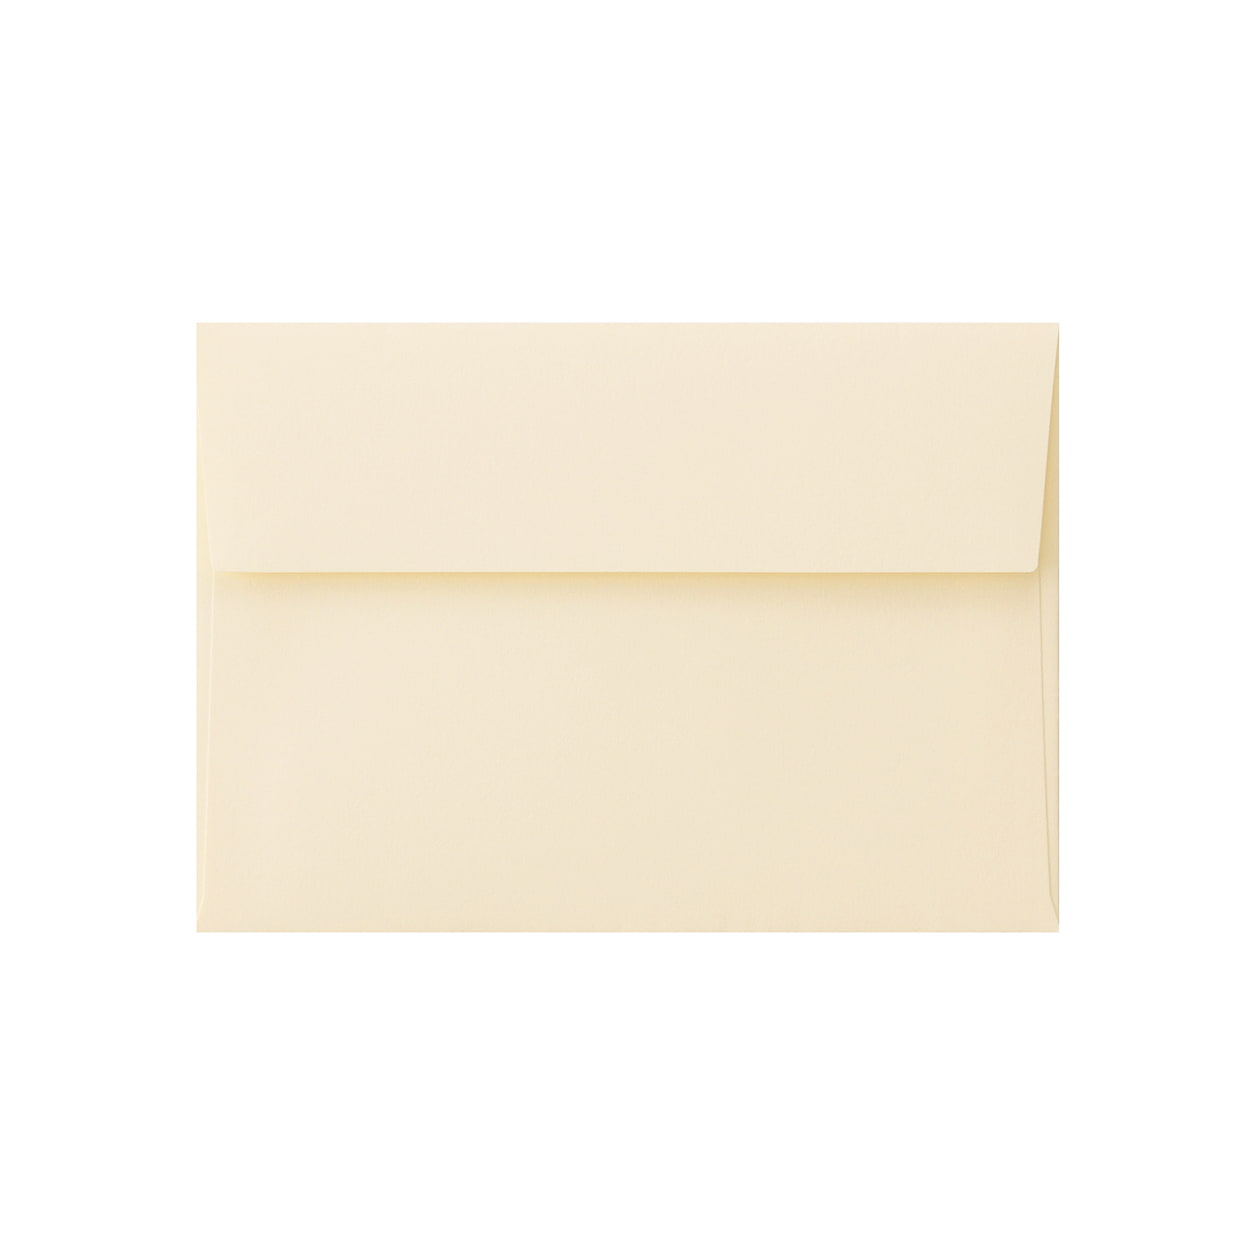 洋2カマス封筒 コットン ナチュラル 116.3g